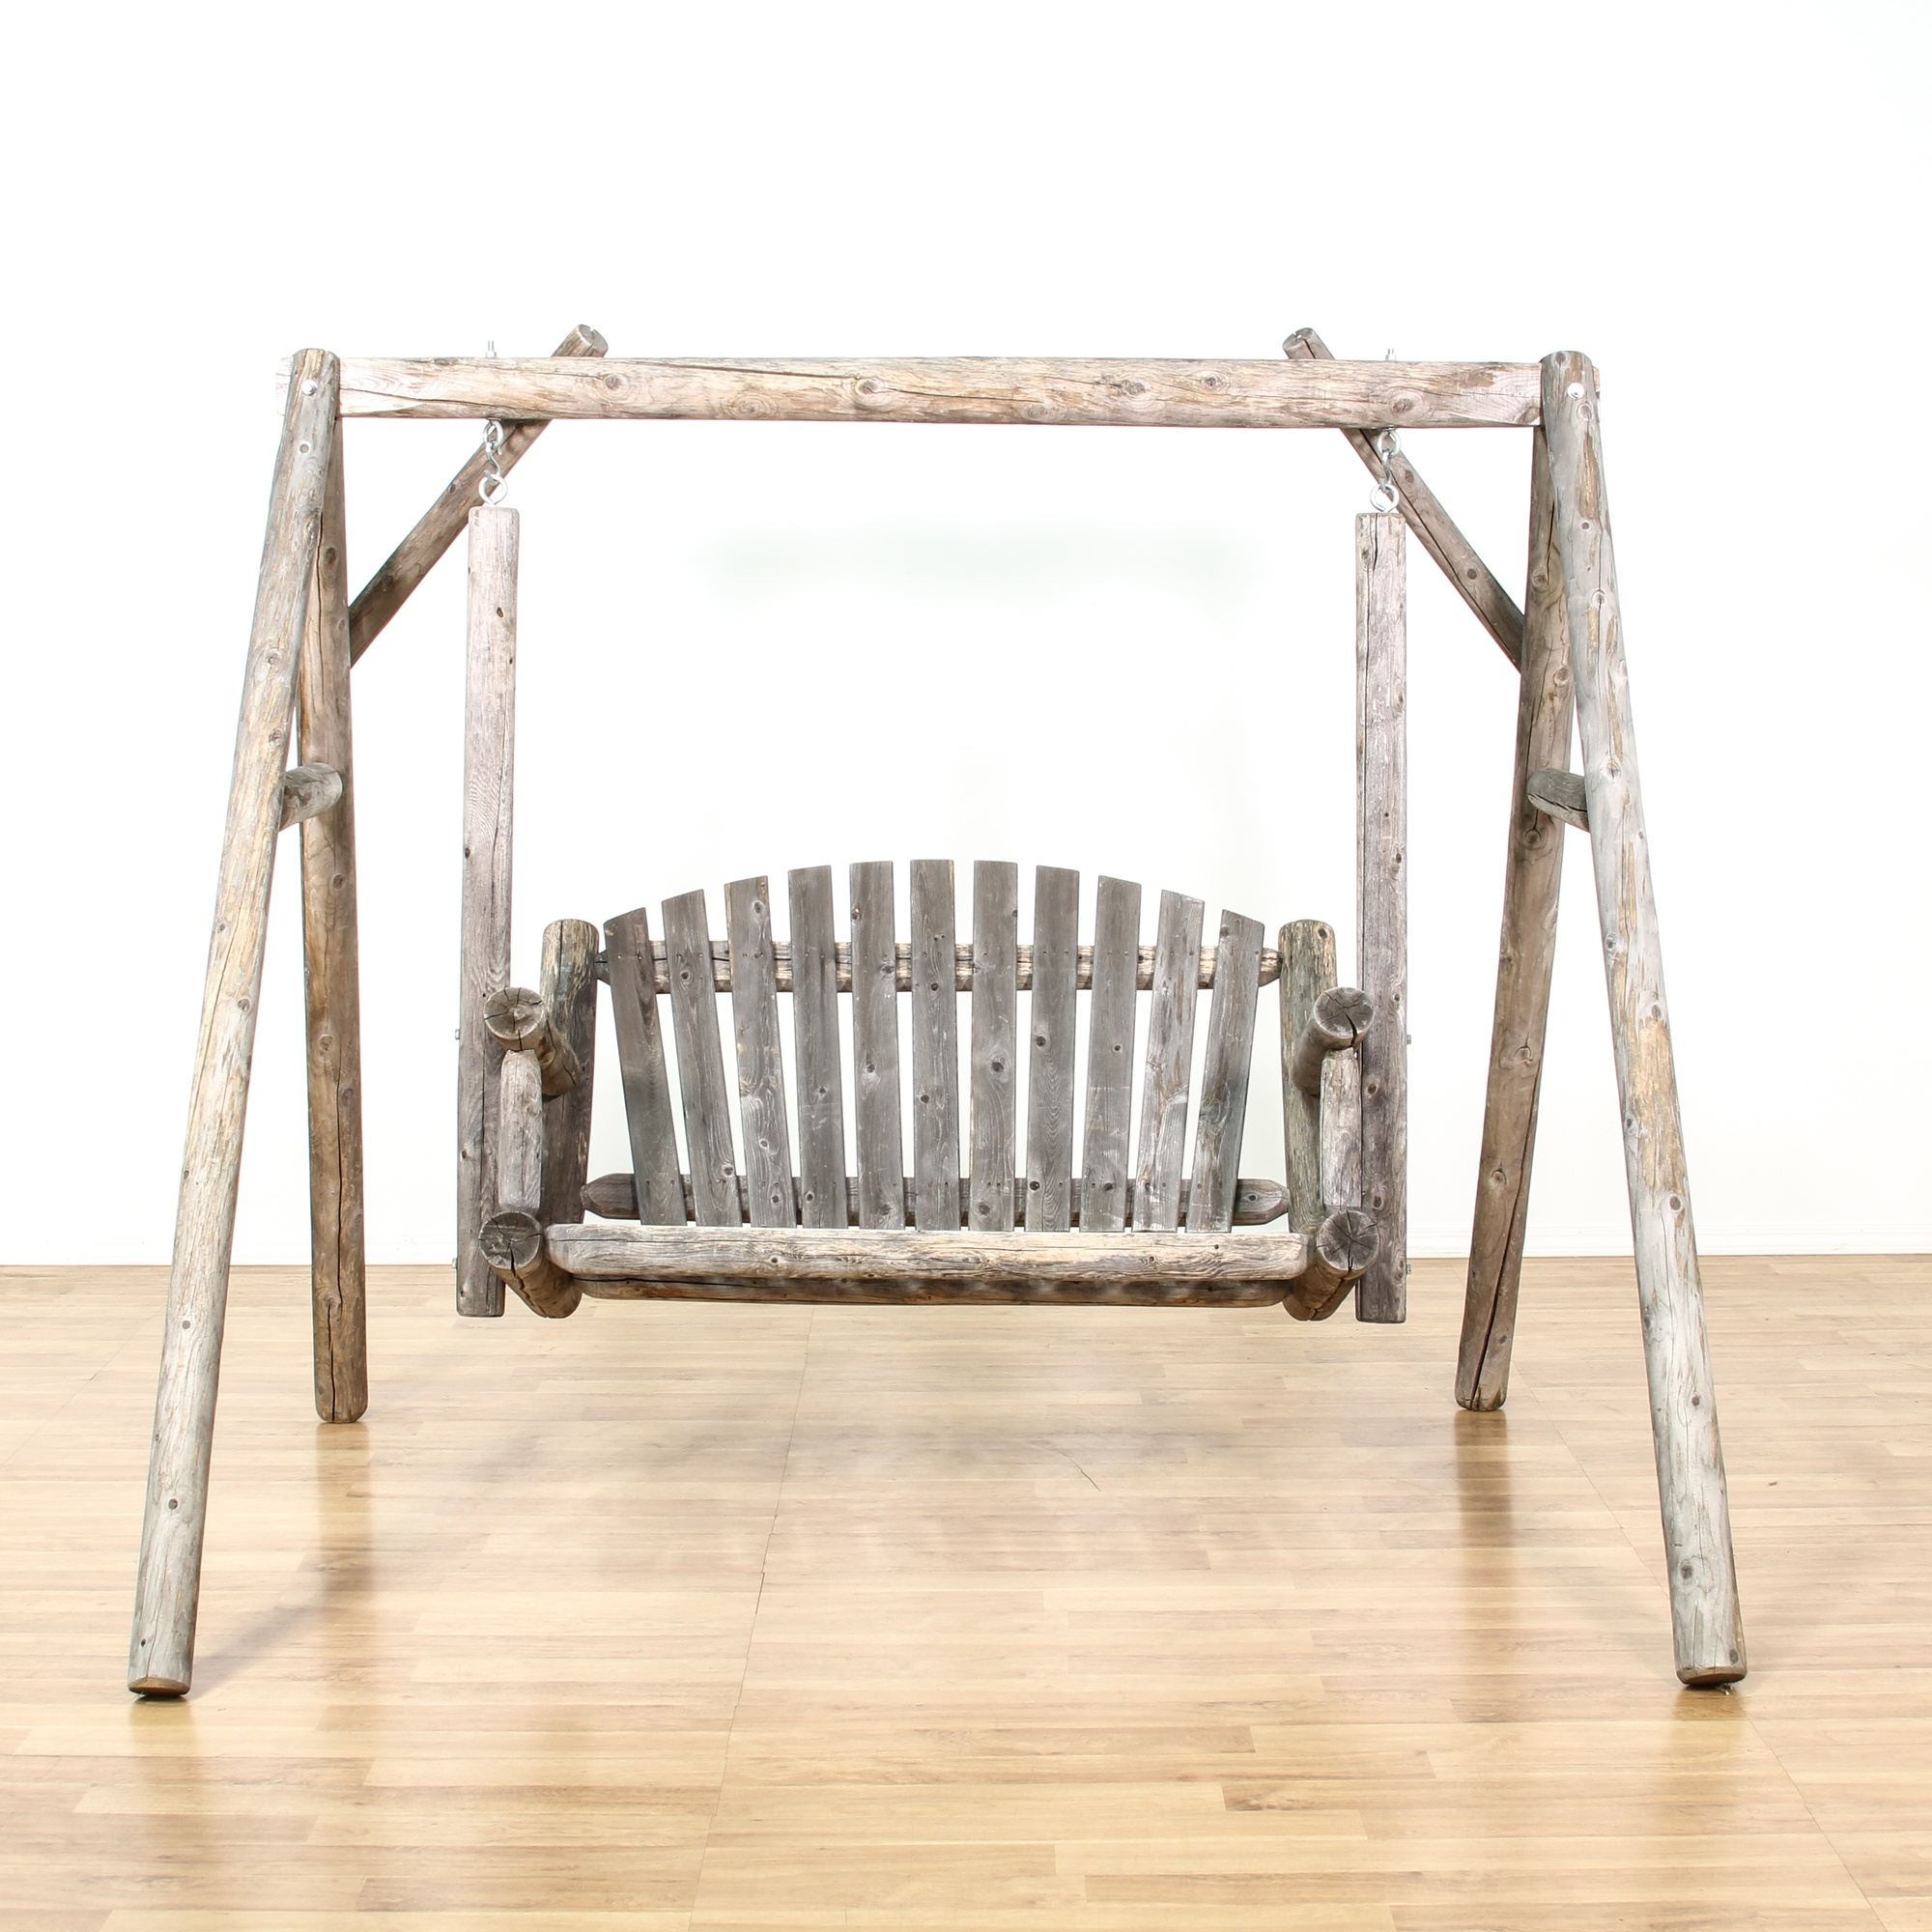 Rustic Raw Wood Outdoor Swing Loveseat Vintage Furniture San Diego Los Angeles